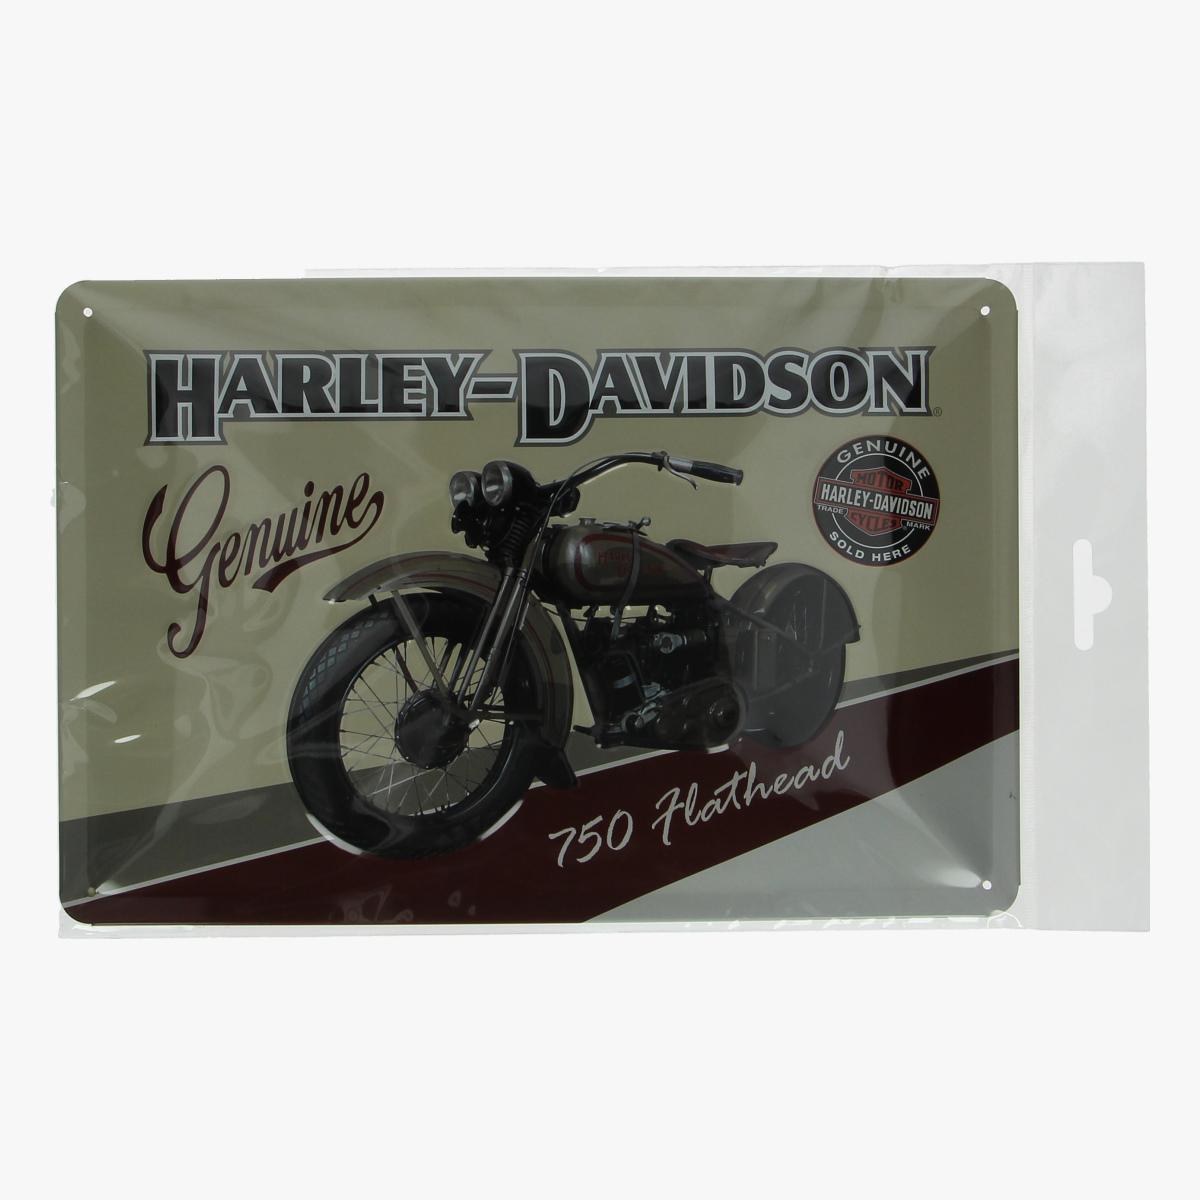 Afbeeldingen van blikken bordje Harley-Davidson geseald